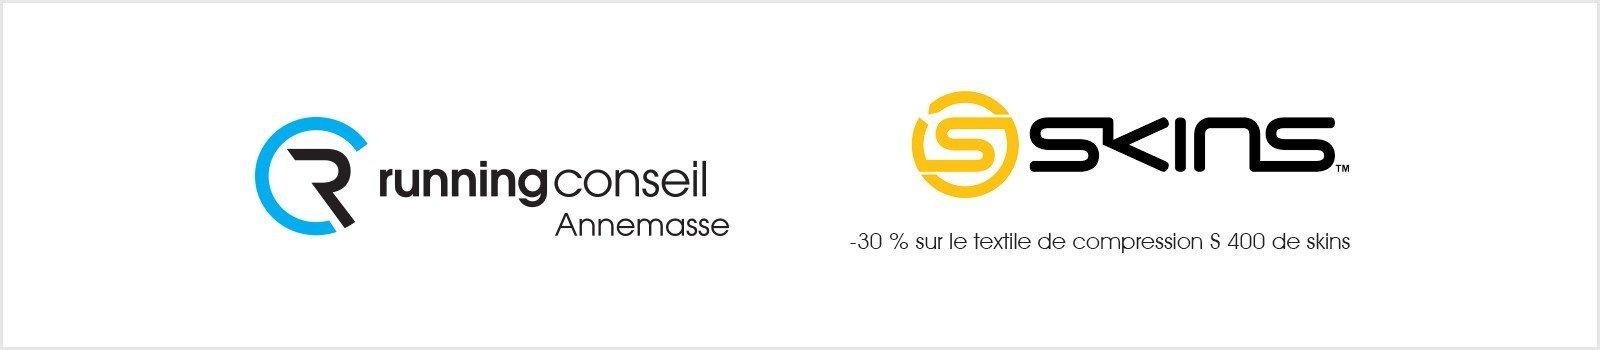 -30 % sur le textile de compression S 400 de skins